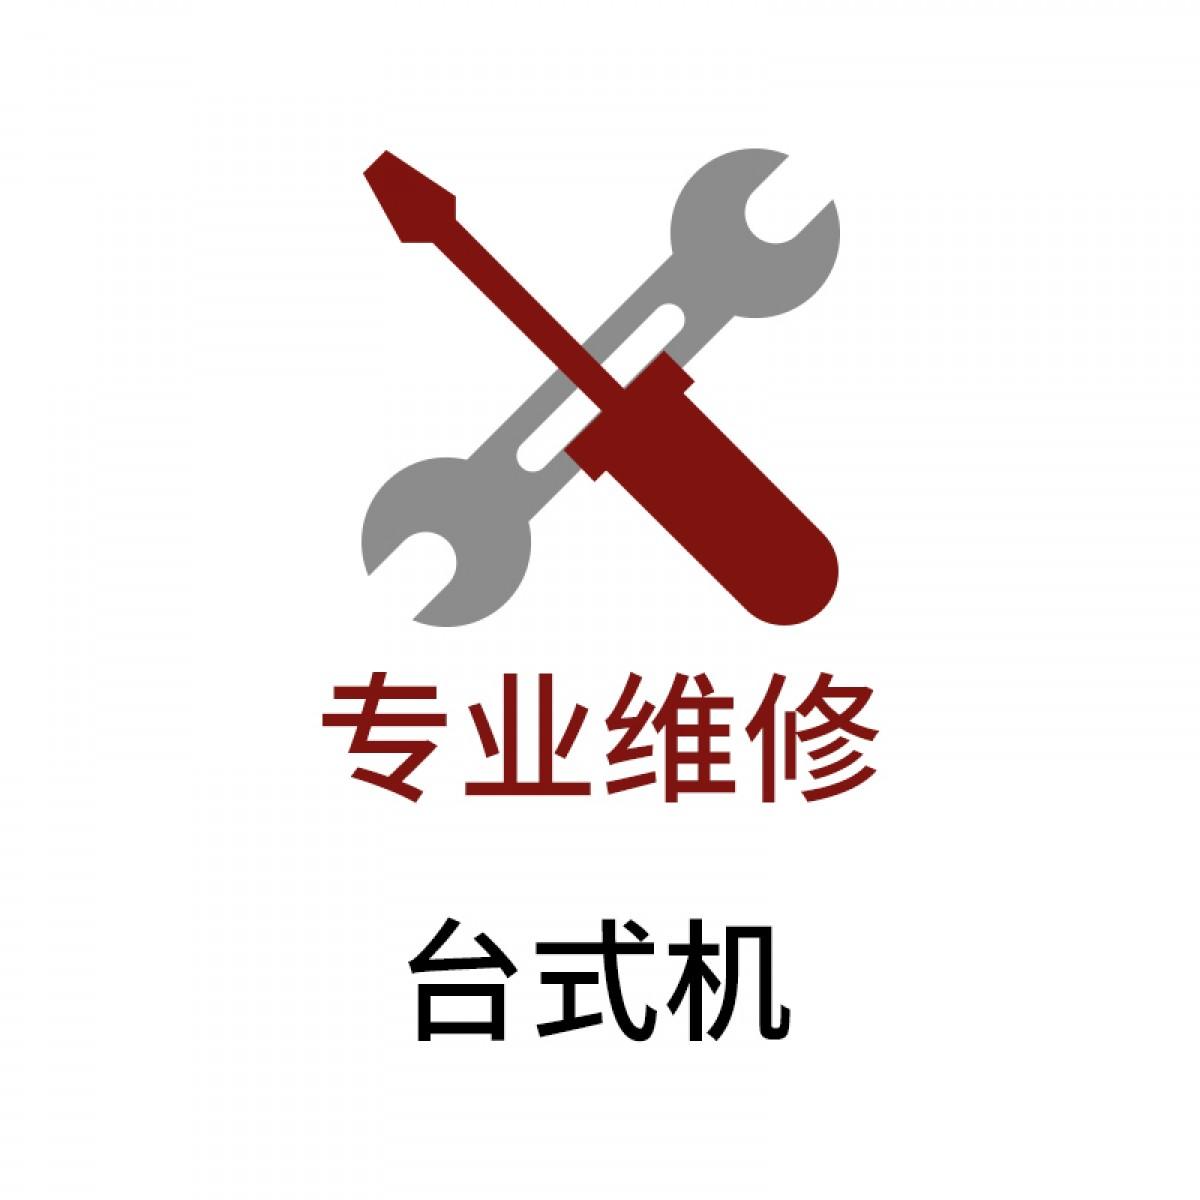 台式机维修—不加电(价格仅供参考,按实际情况收费)